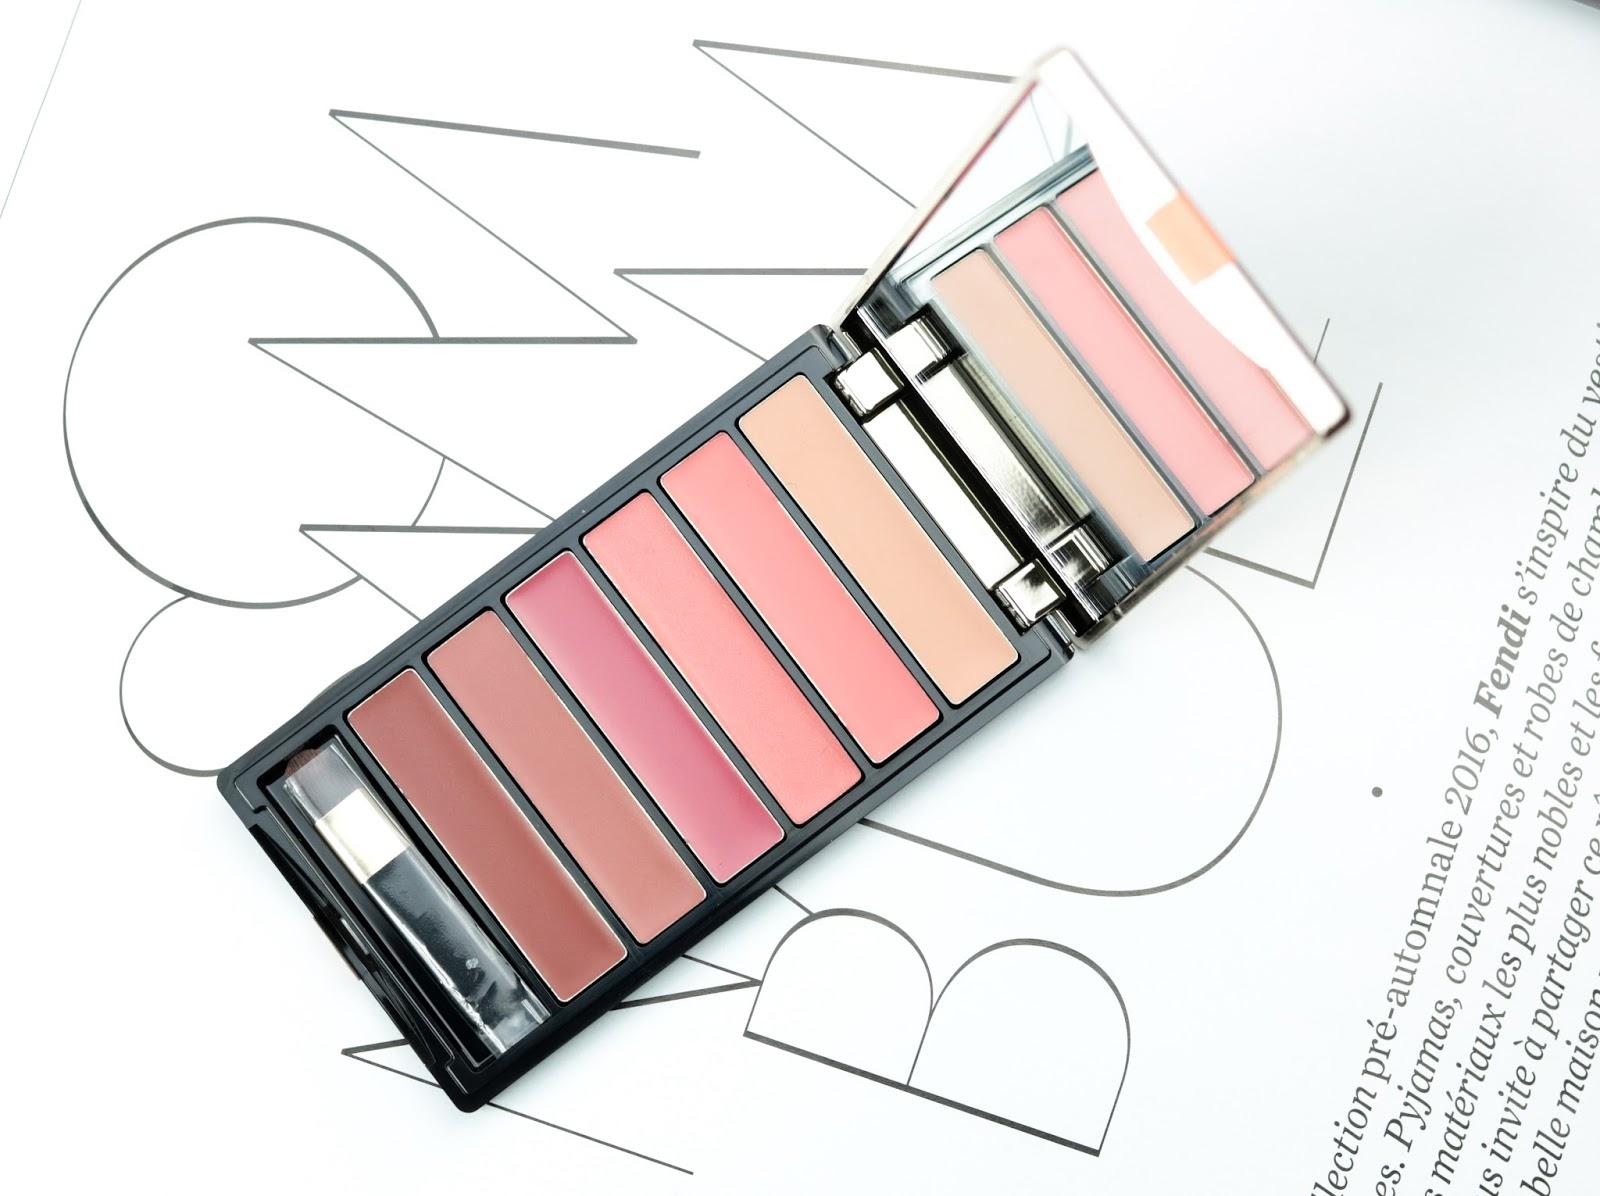 Color Riche de L'Oréal La palette lèvres Nude Avis et Swatch